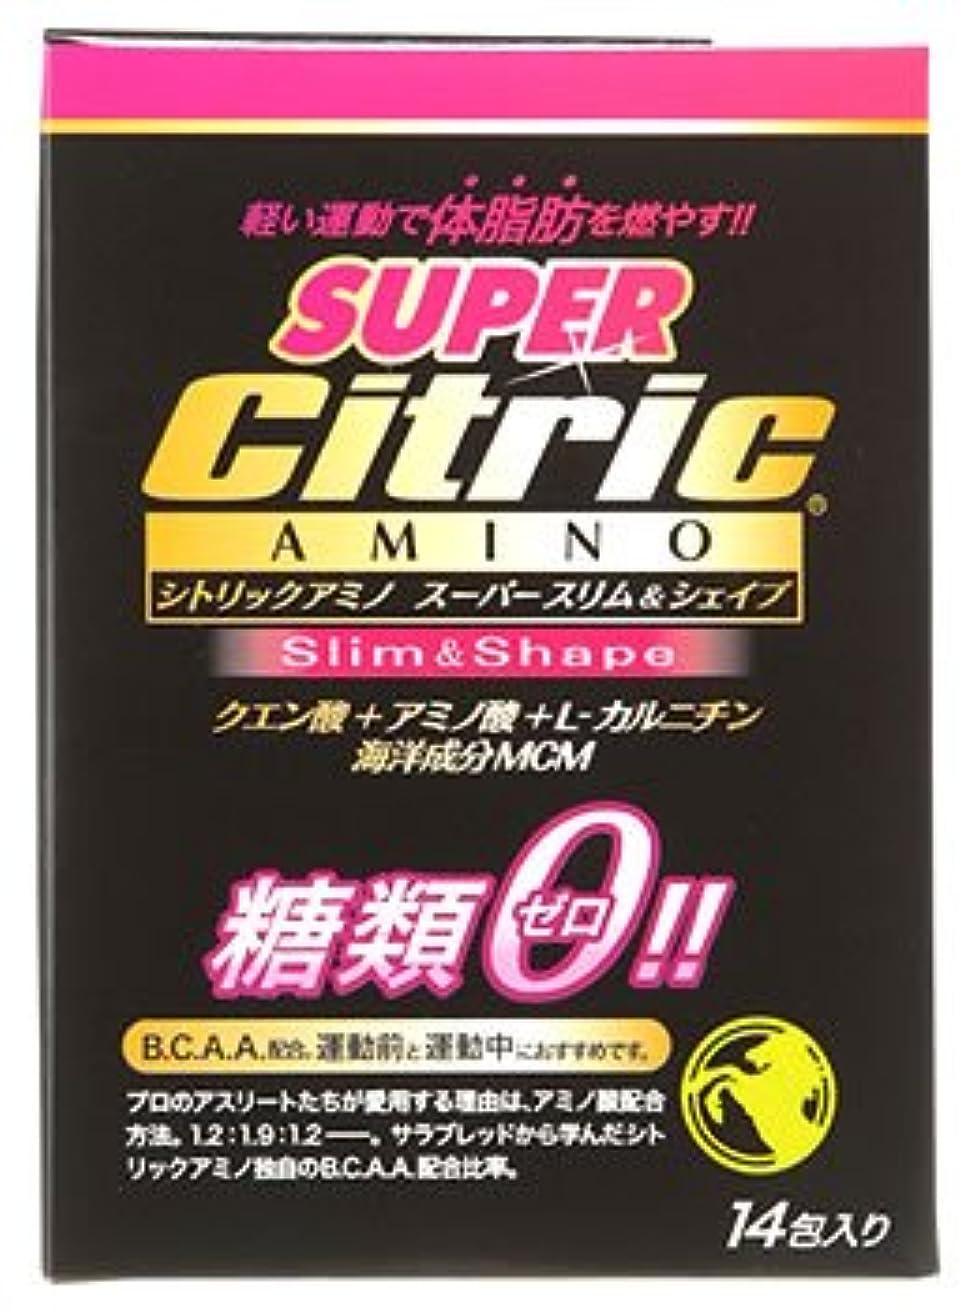 れんがプレート頬メダリスト?ジャパン シトリックアミノ スーパースリム&シェイプ JP (6g×14包入) クエン酸 アミノ酸 糖類ゼロ